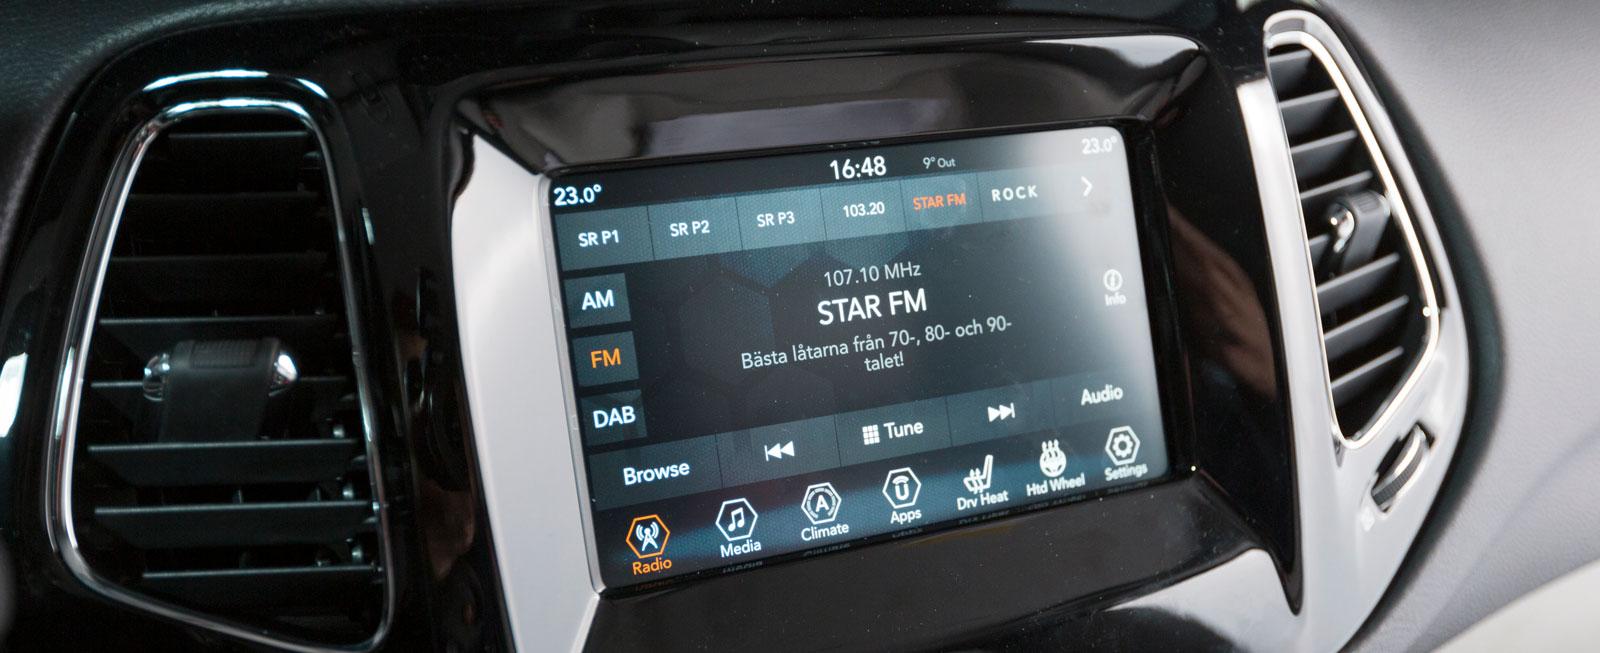 Jeeps skärm är testets minsta och systemet är pilligt att hantera under körning. Det tar också en stund att komma underfund med  funktionerna. Logiken är inte helt på topp!